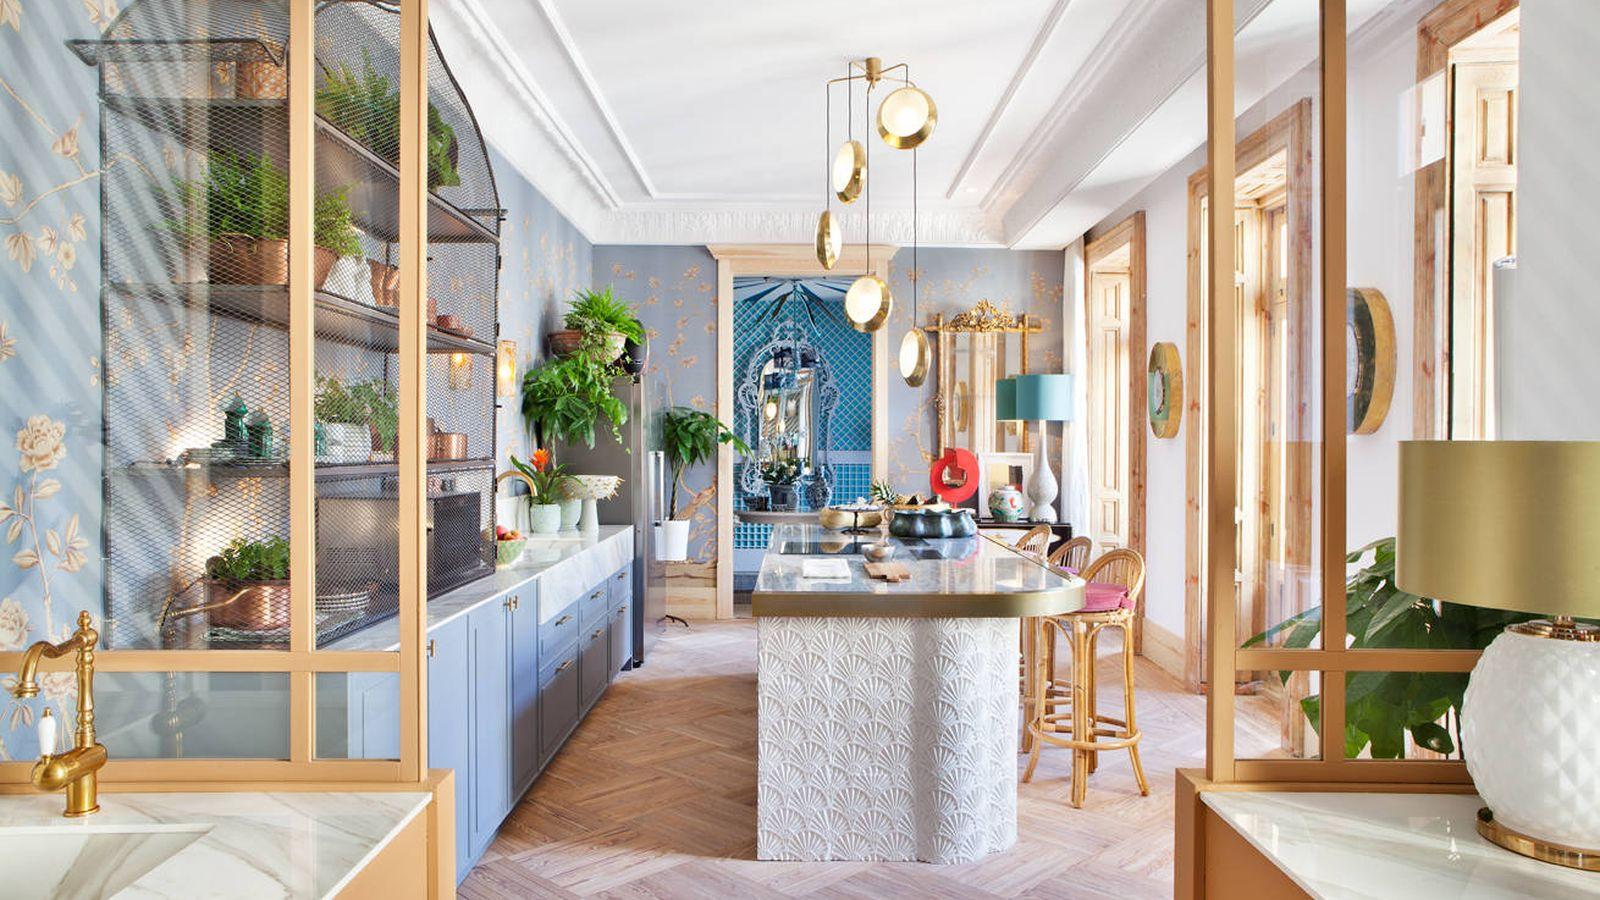 Foto: Colores vibrantes, accesorios en dorado y mucho azul. Así son las cocinas del futuro, como la propuesta de Beatriz Silveira. (Foto: Casa Decor)